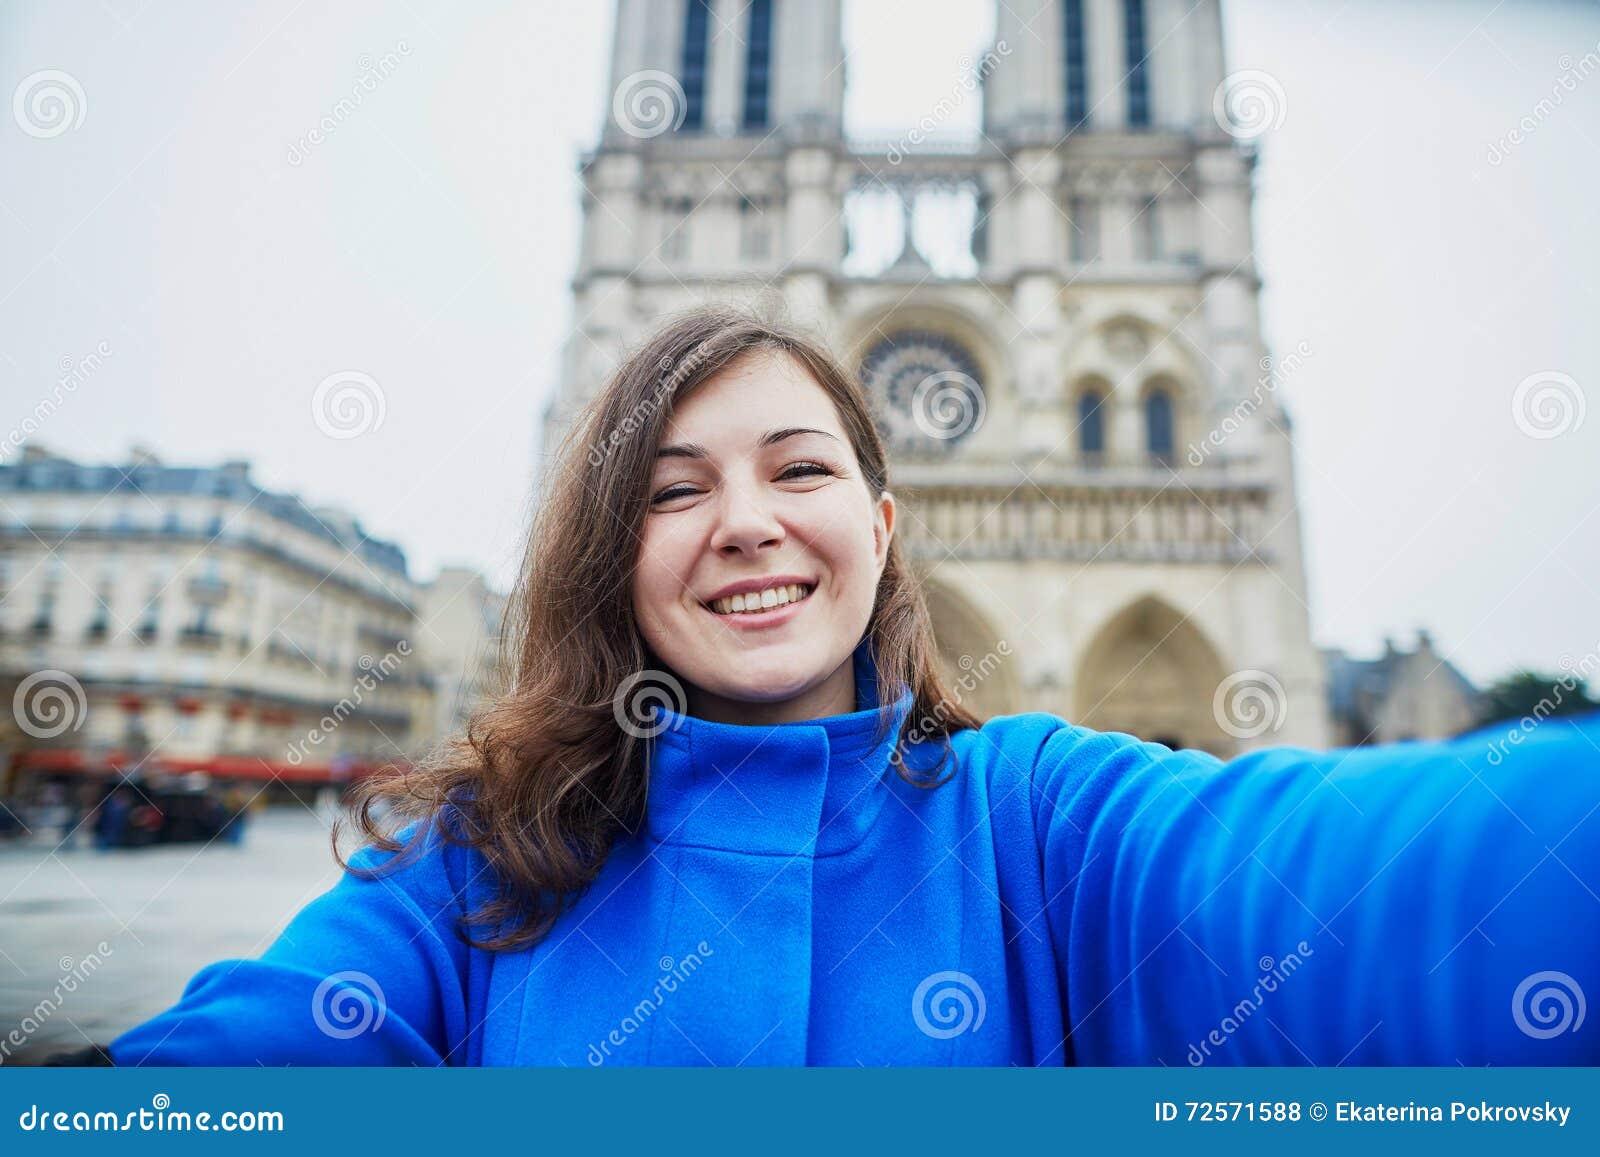 Schoner Junger Tourist In Paris Lustiges Selfie Machend Stockfoto